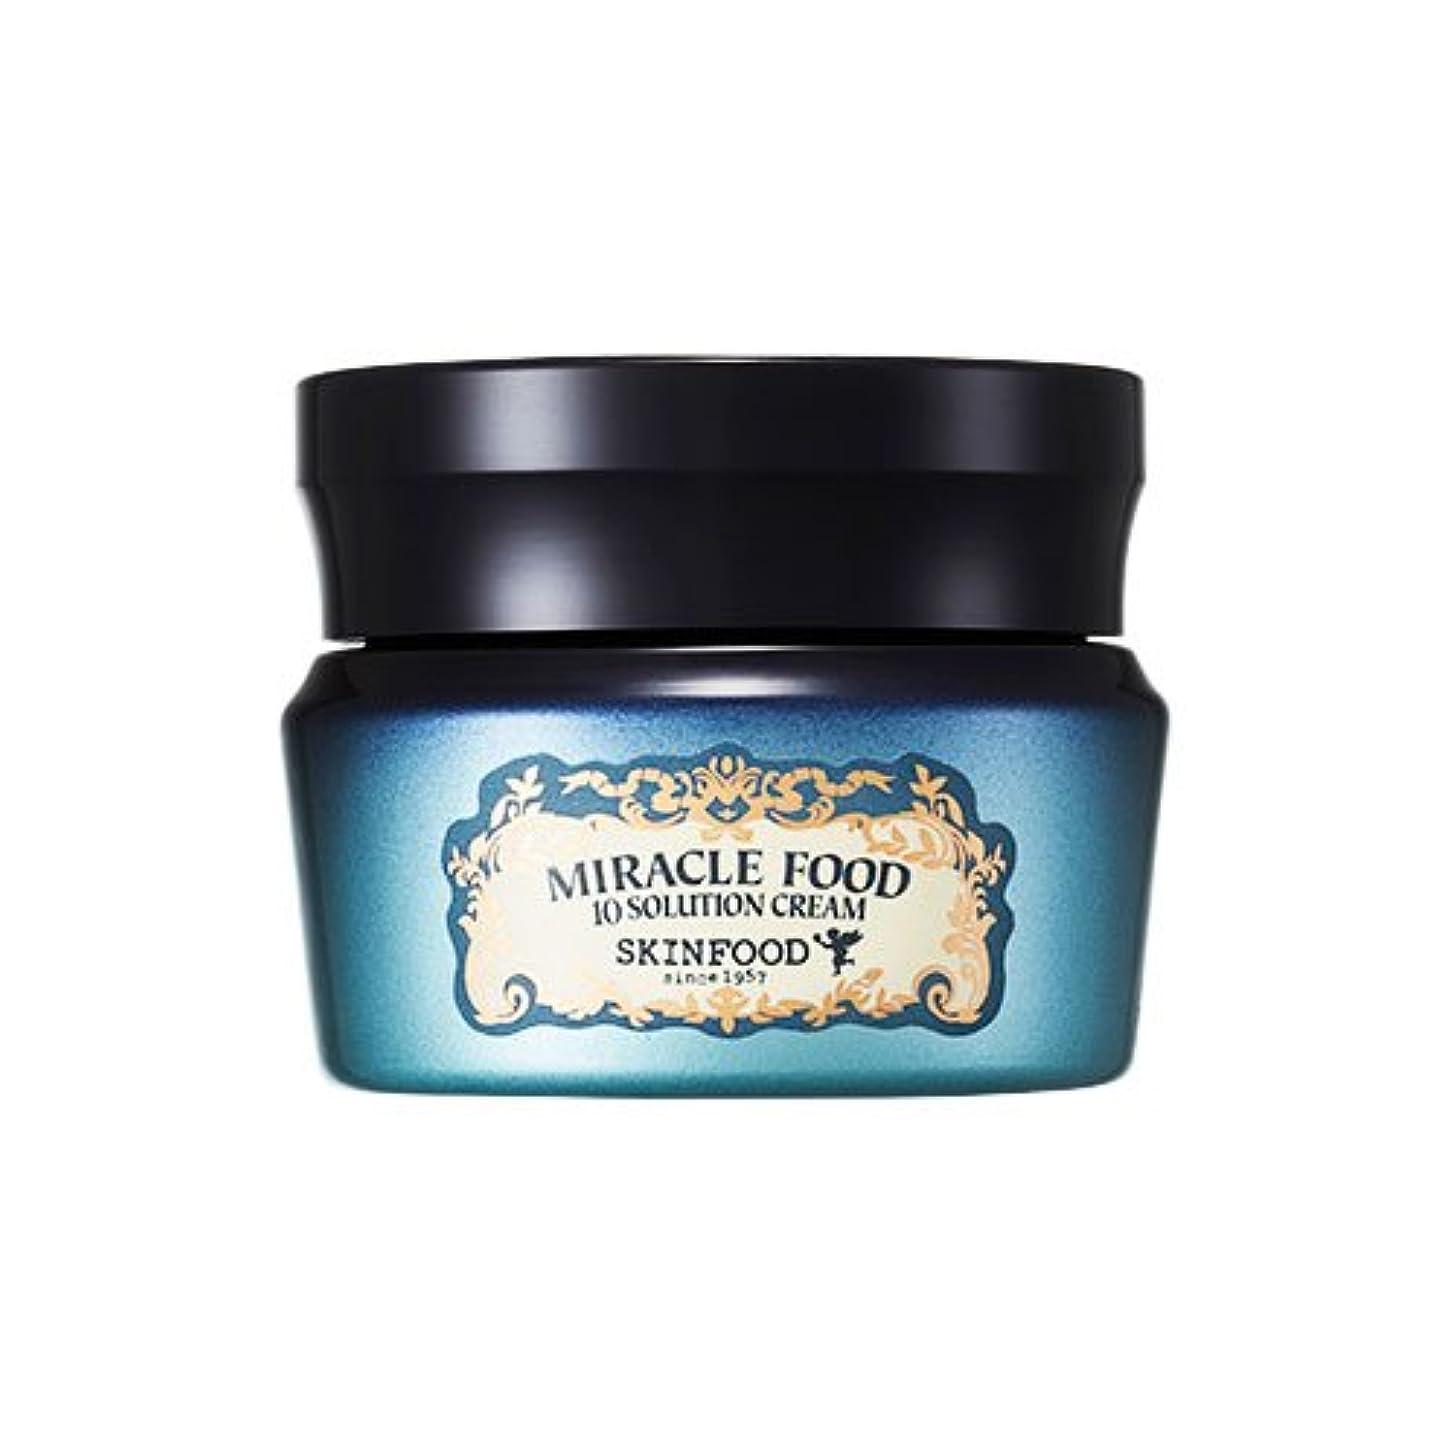 土曜日ジャーナリスト作詞家Skinfood ミラクルフード10ソリューションクリーム(美白効果としわ防止効果) / Miracle Food 10 Solution Cream (Skin-Brightening and Anti-Wrinkle...